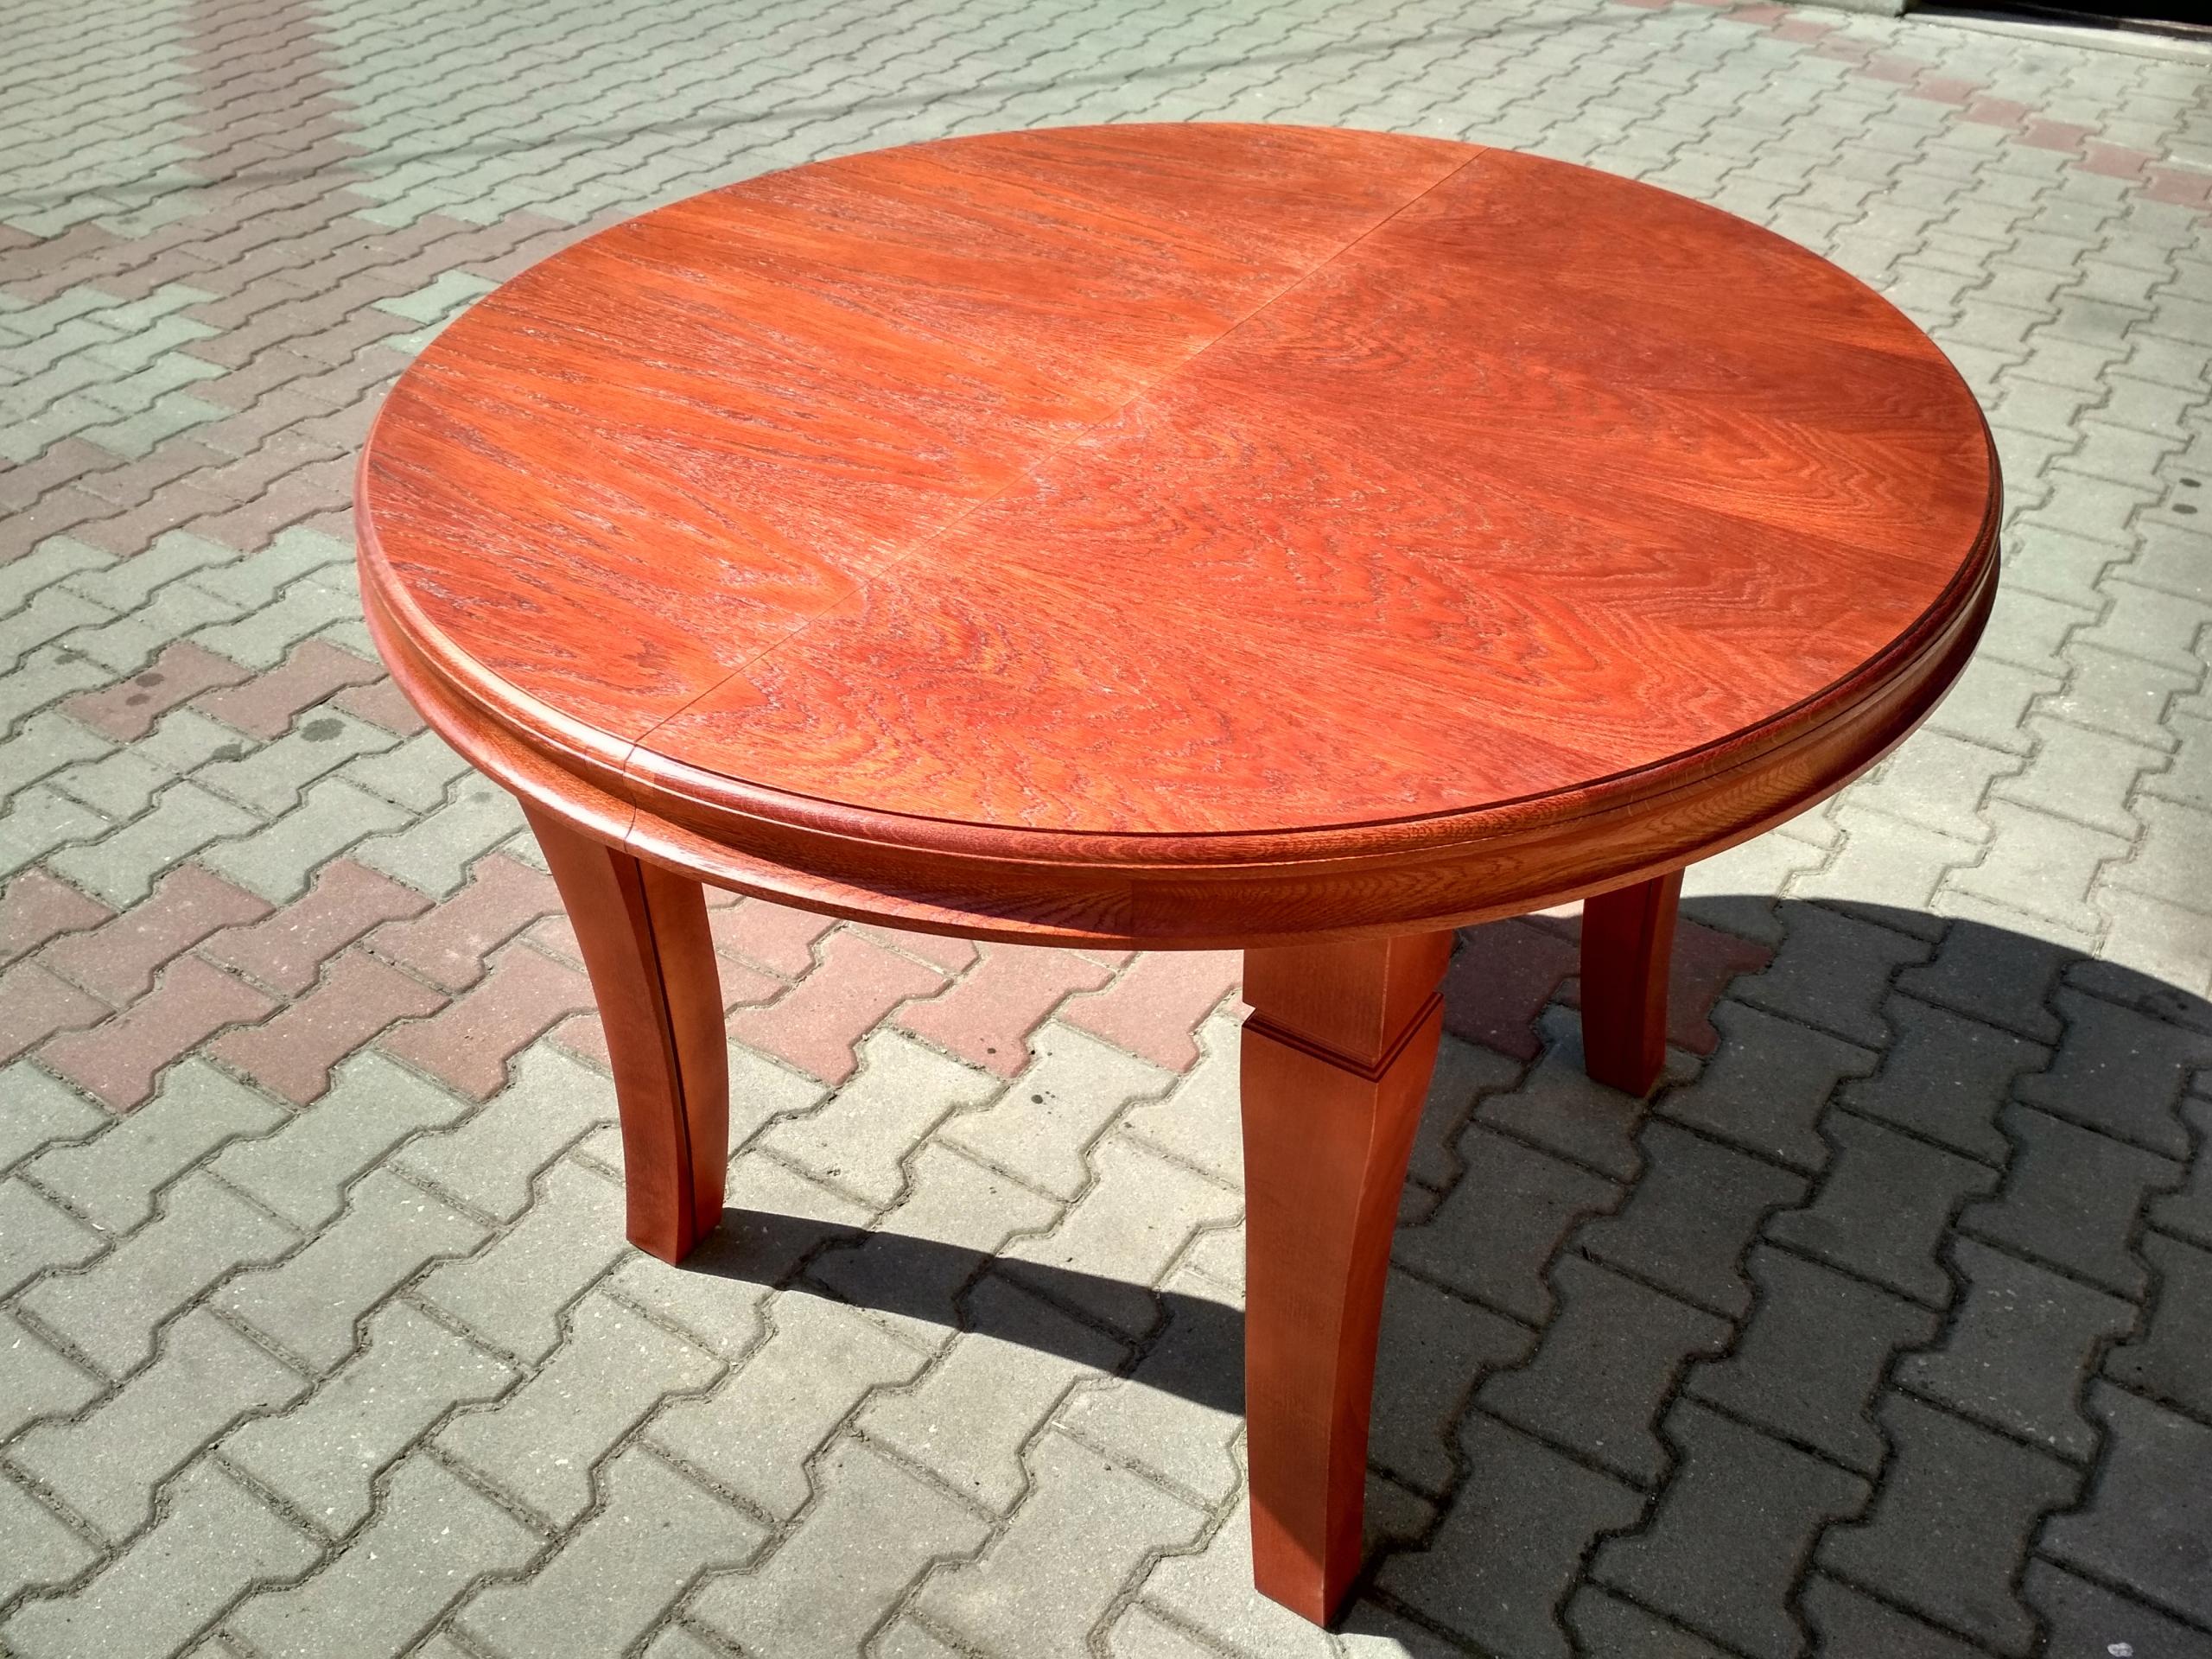 Rozťahovací okrúhly stôl 8 nôh 140 cm x 340 cm Hit